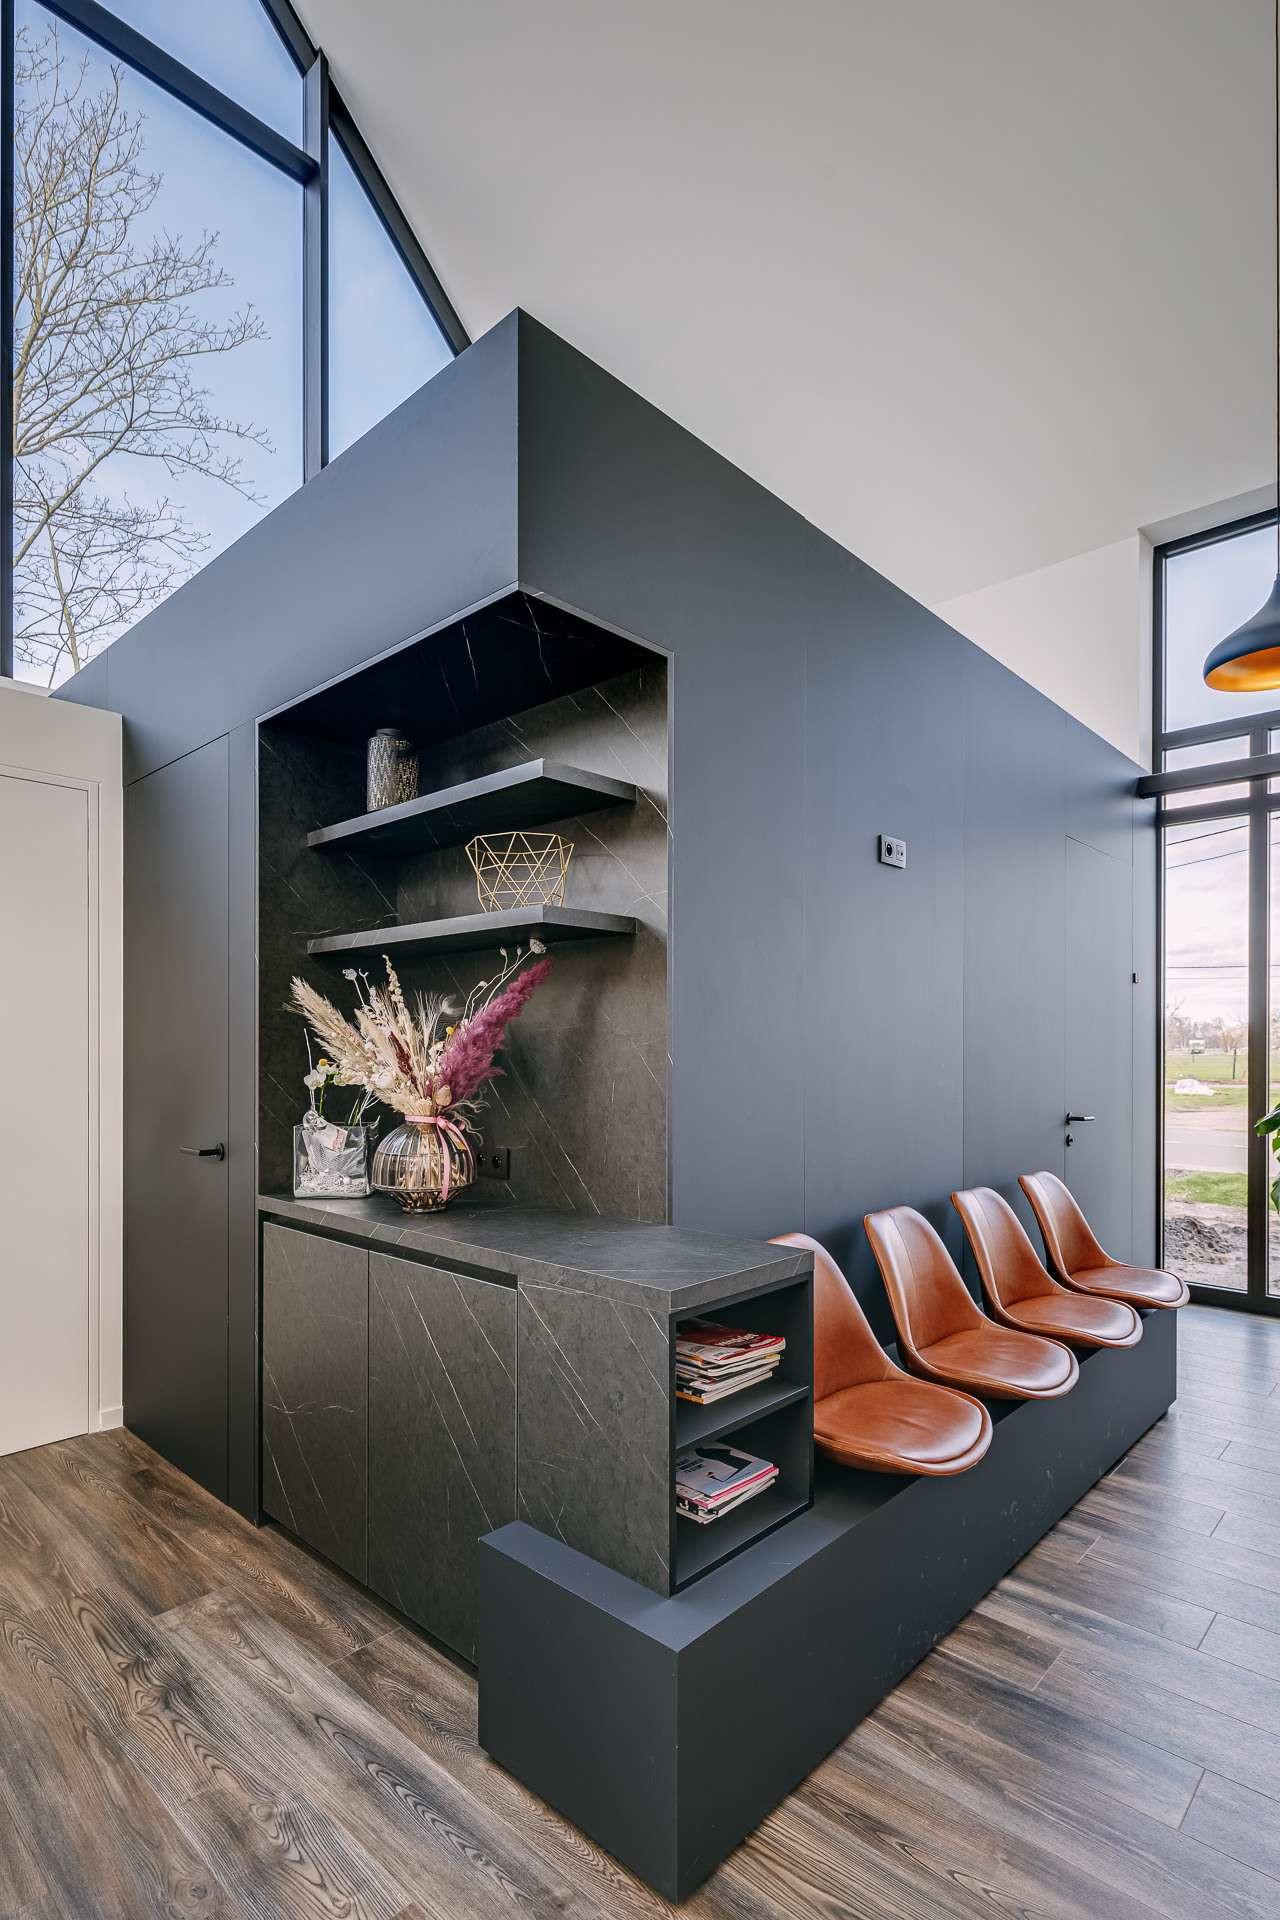 ATA Interieur - groepspraktijk - wandbekleding met ingewerkt deur